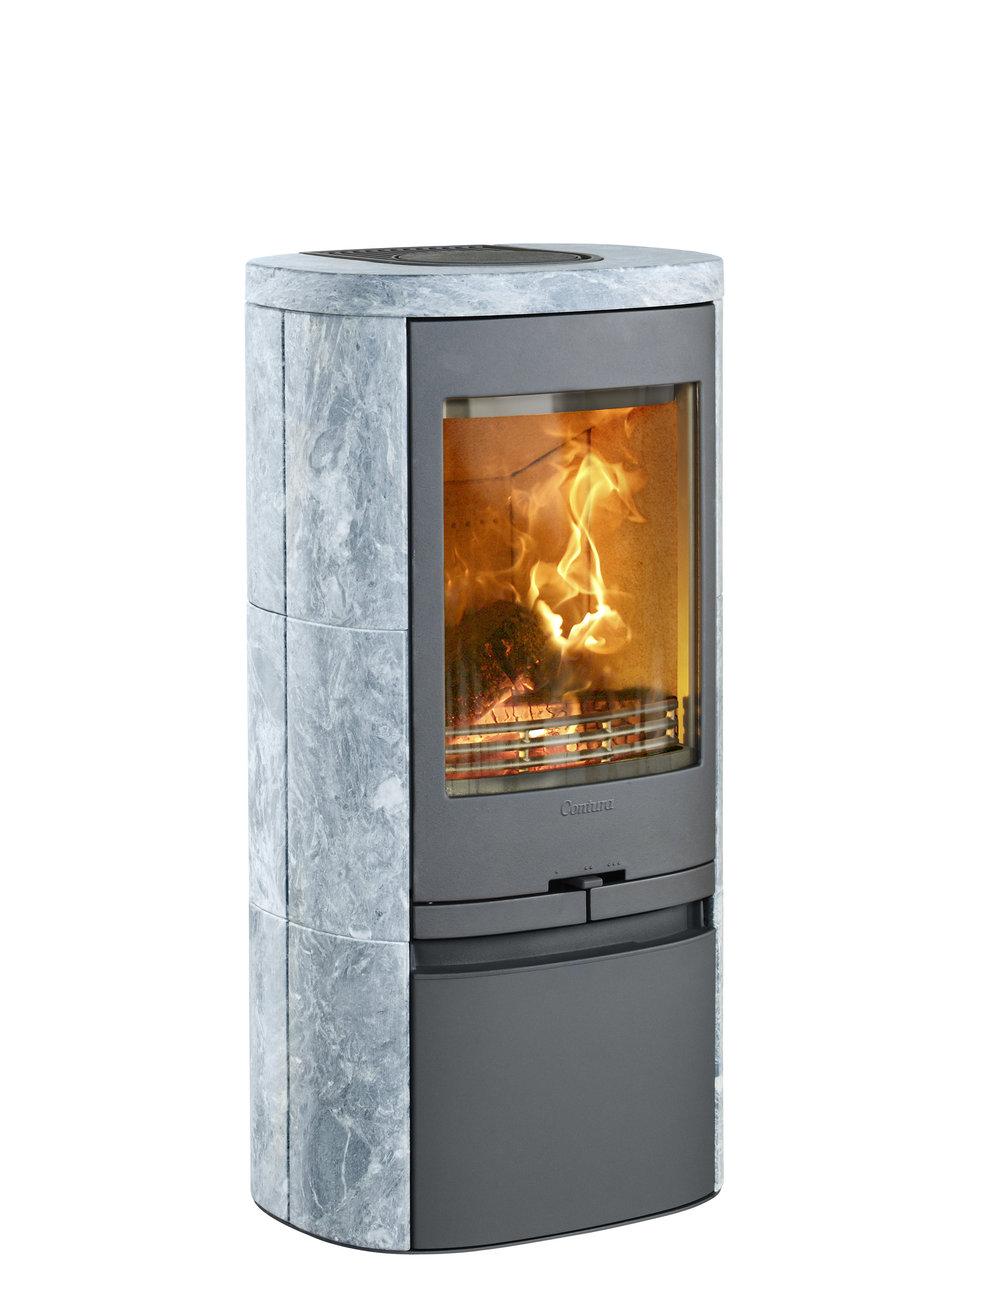 5. Contura stove_820T_Black_Soapstone.jpg